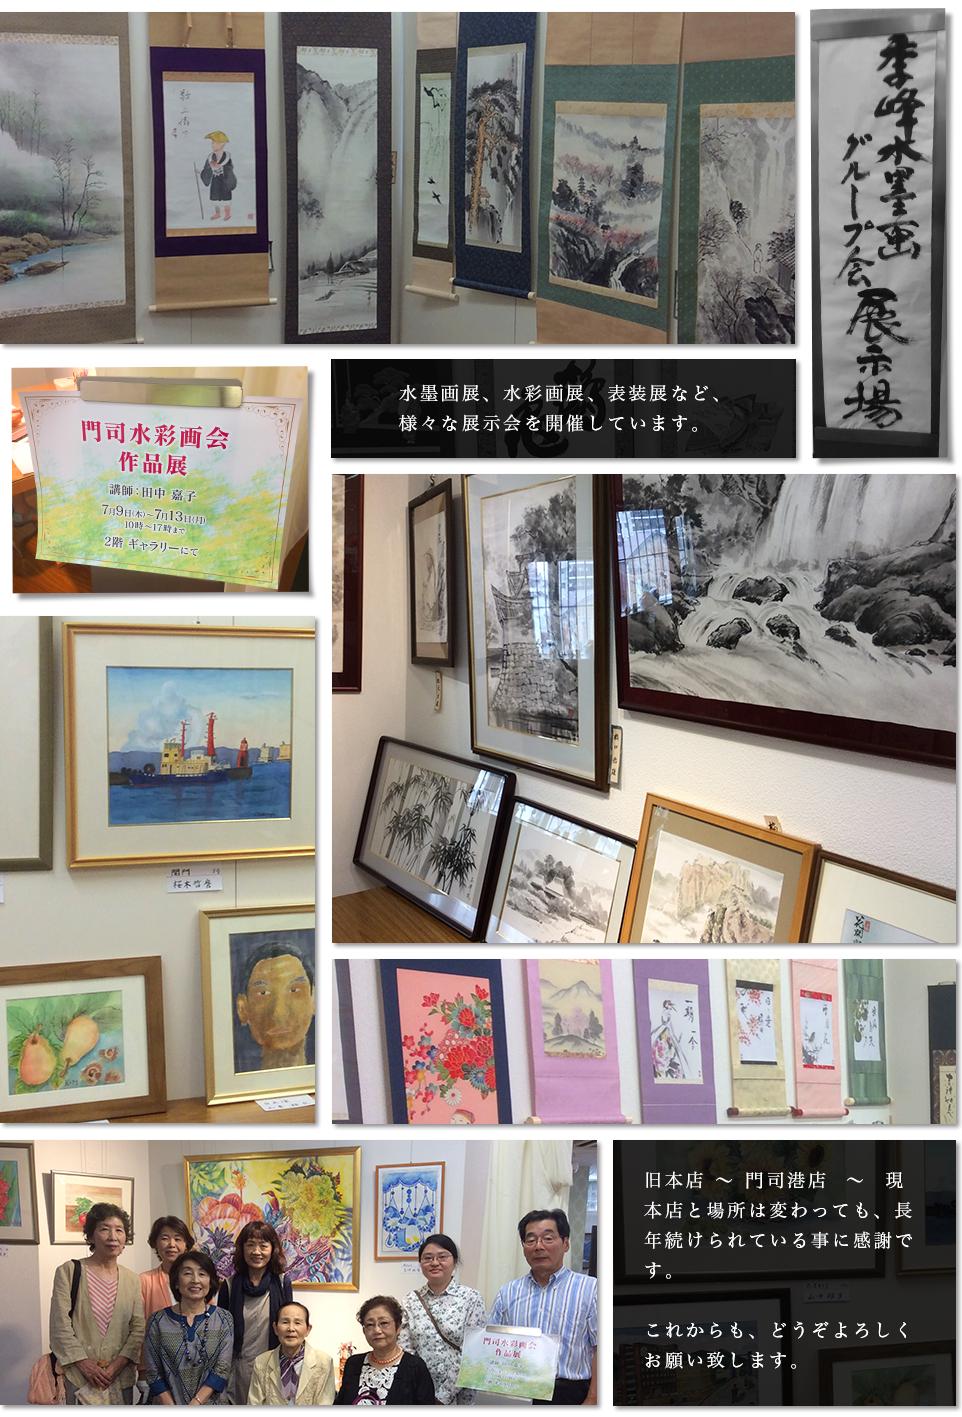 水墨画展、水彩画展、表装展など、様々な展示会を開催しています。旧本店 〜 門司港店  〜  現本店と場所は変わっても、長年続けられている事に感謝です。これからも、どうぞよろしくお願い致します。